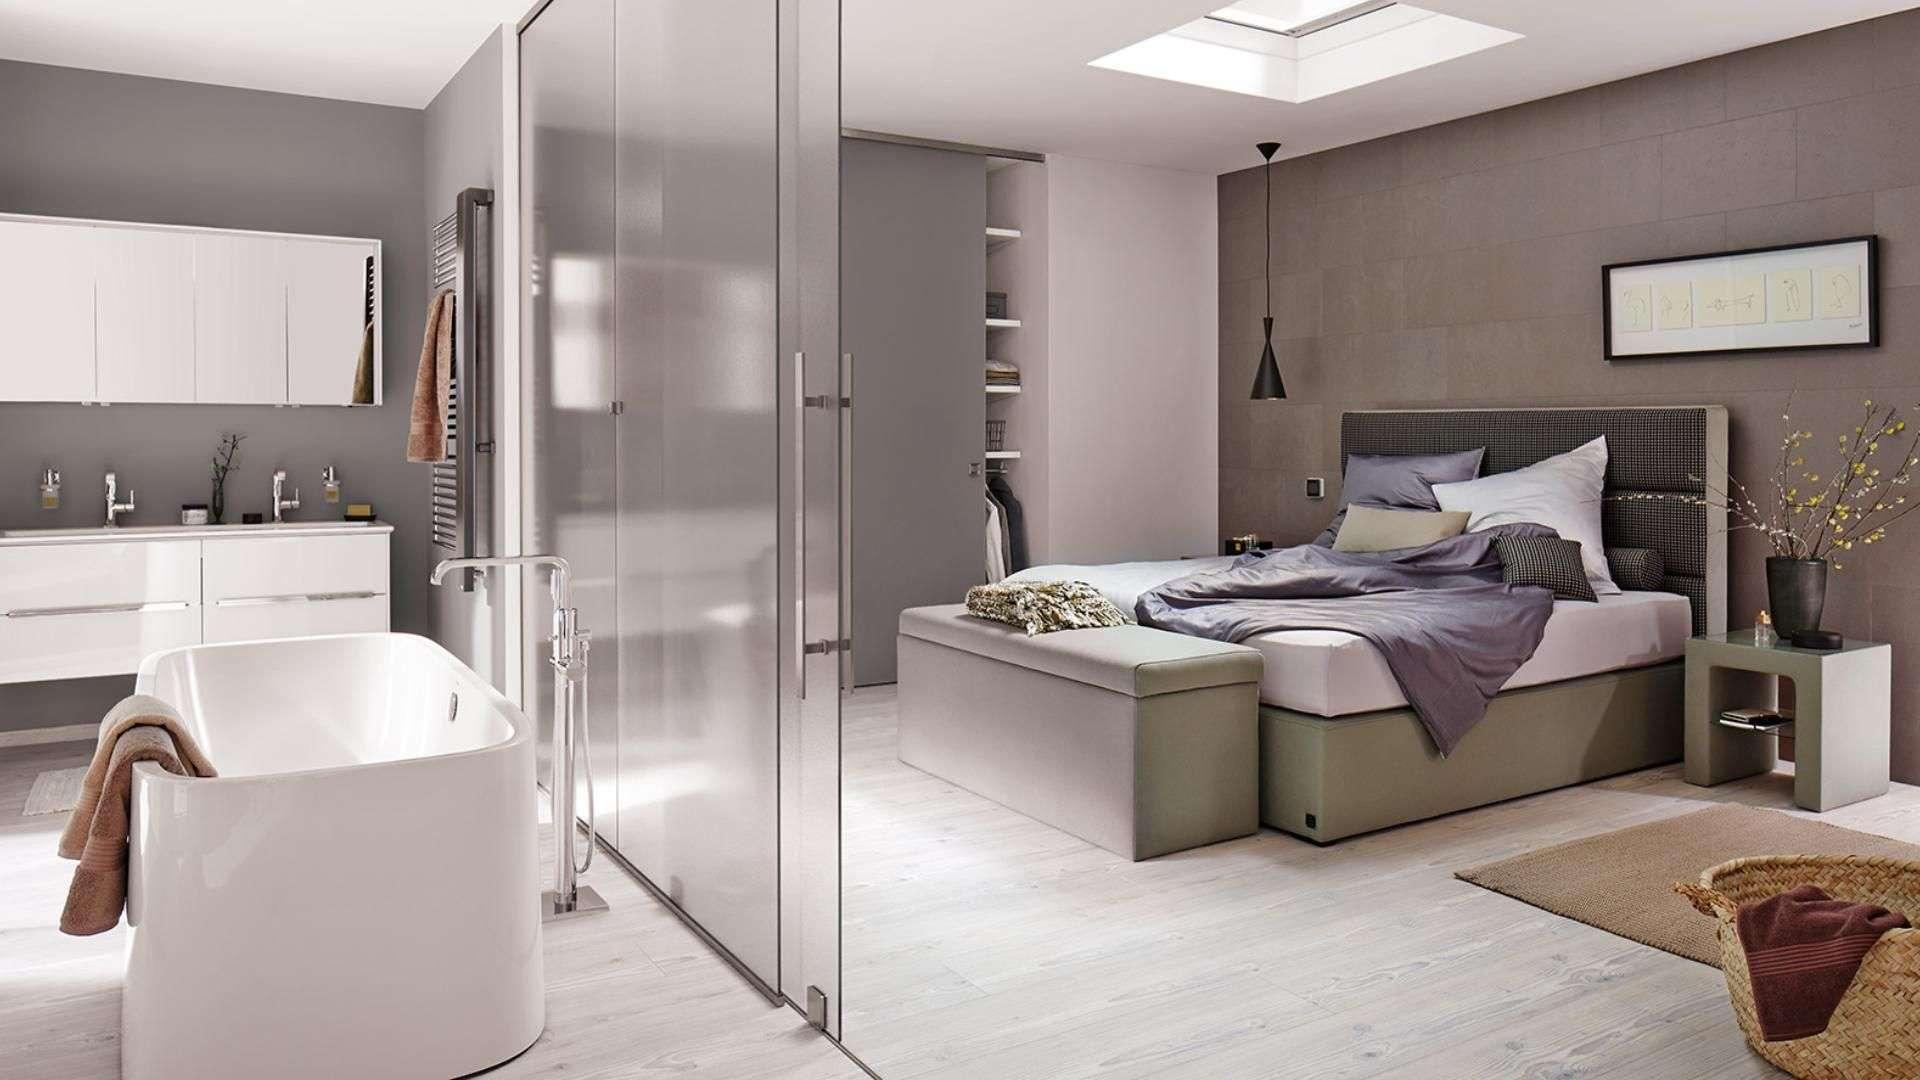 Schlafzimmer mit Glas-Trennwand zum Badezimmer